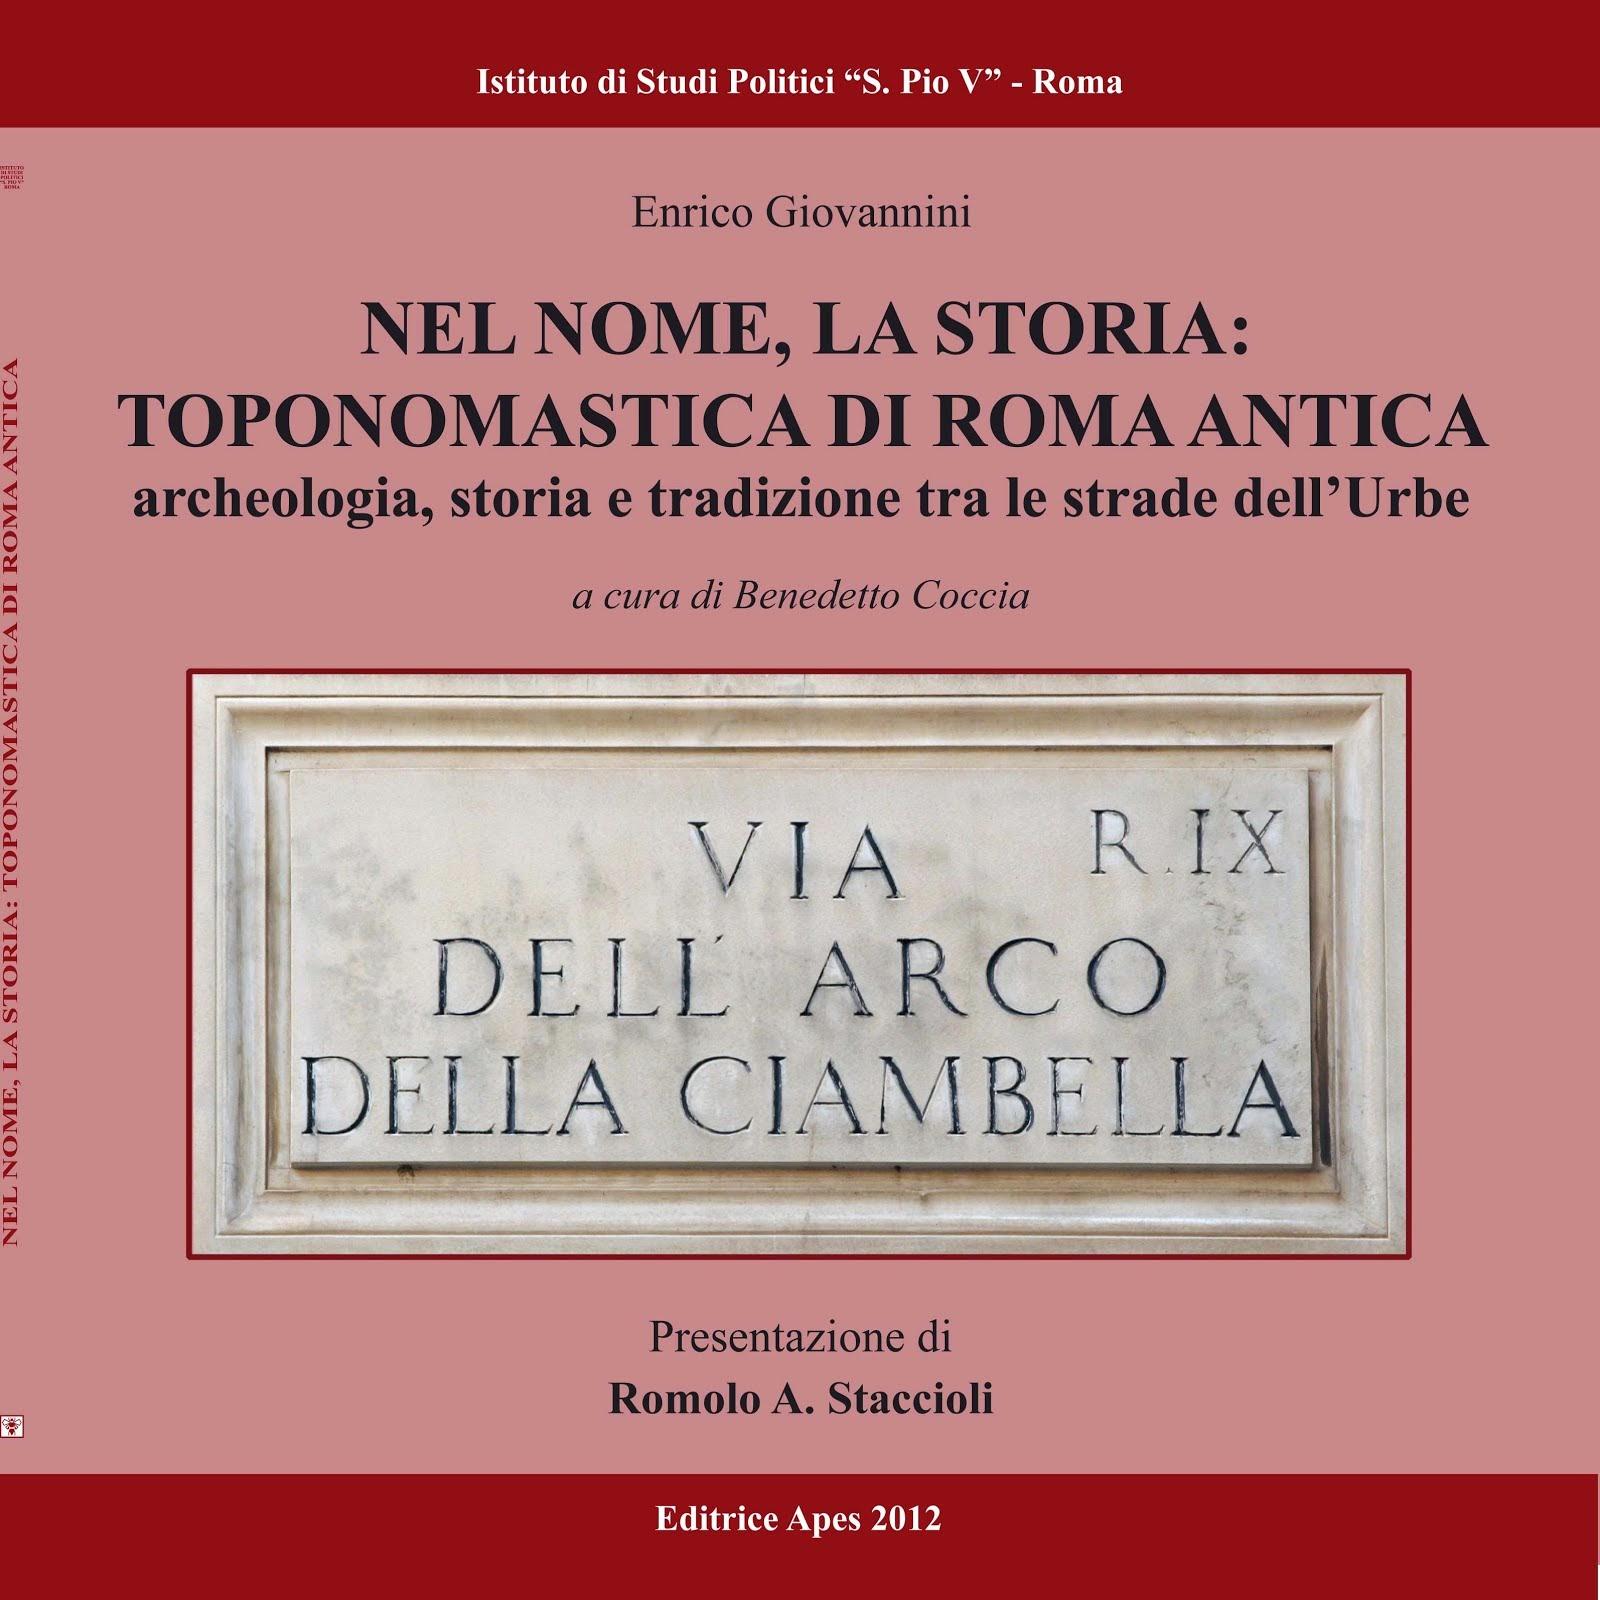 Nel nome, la storia, toponomastica di Roma antica